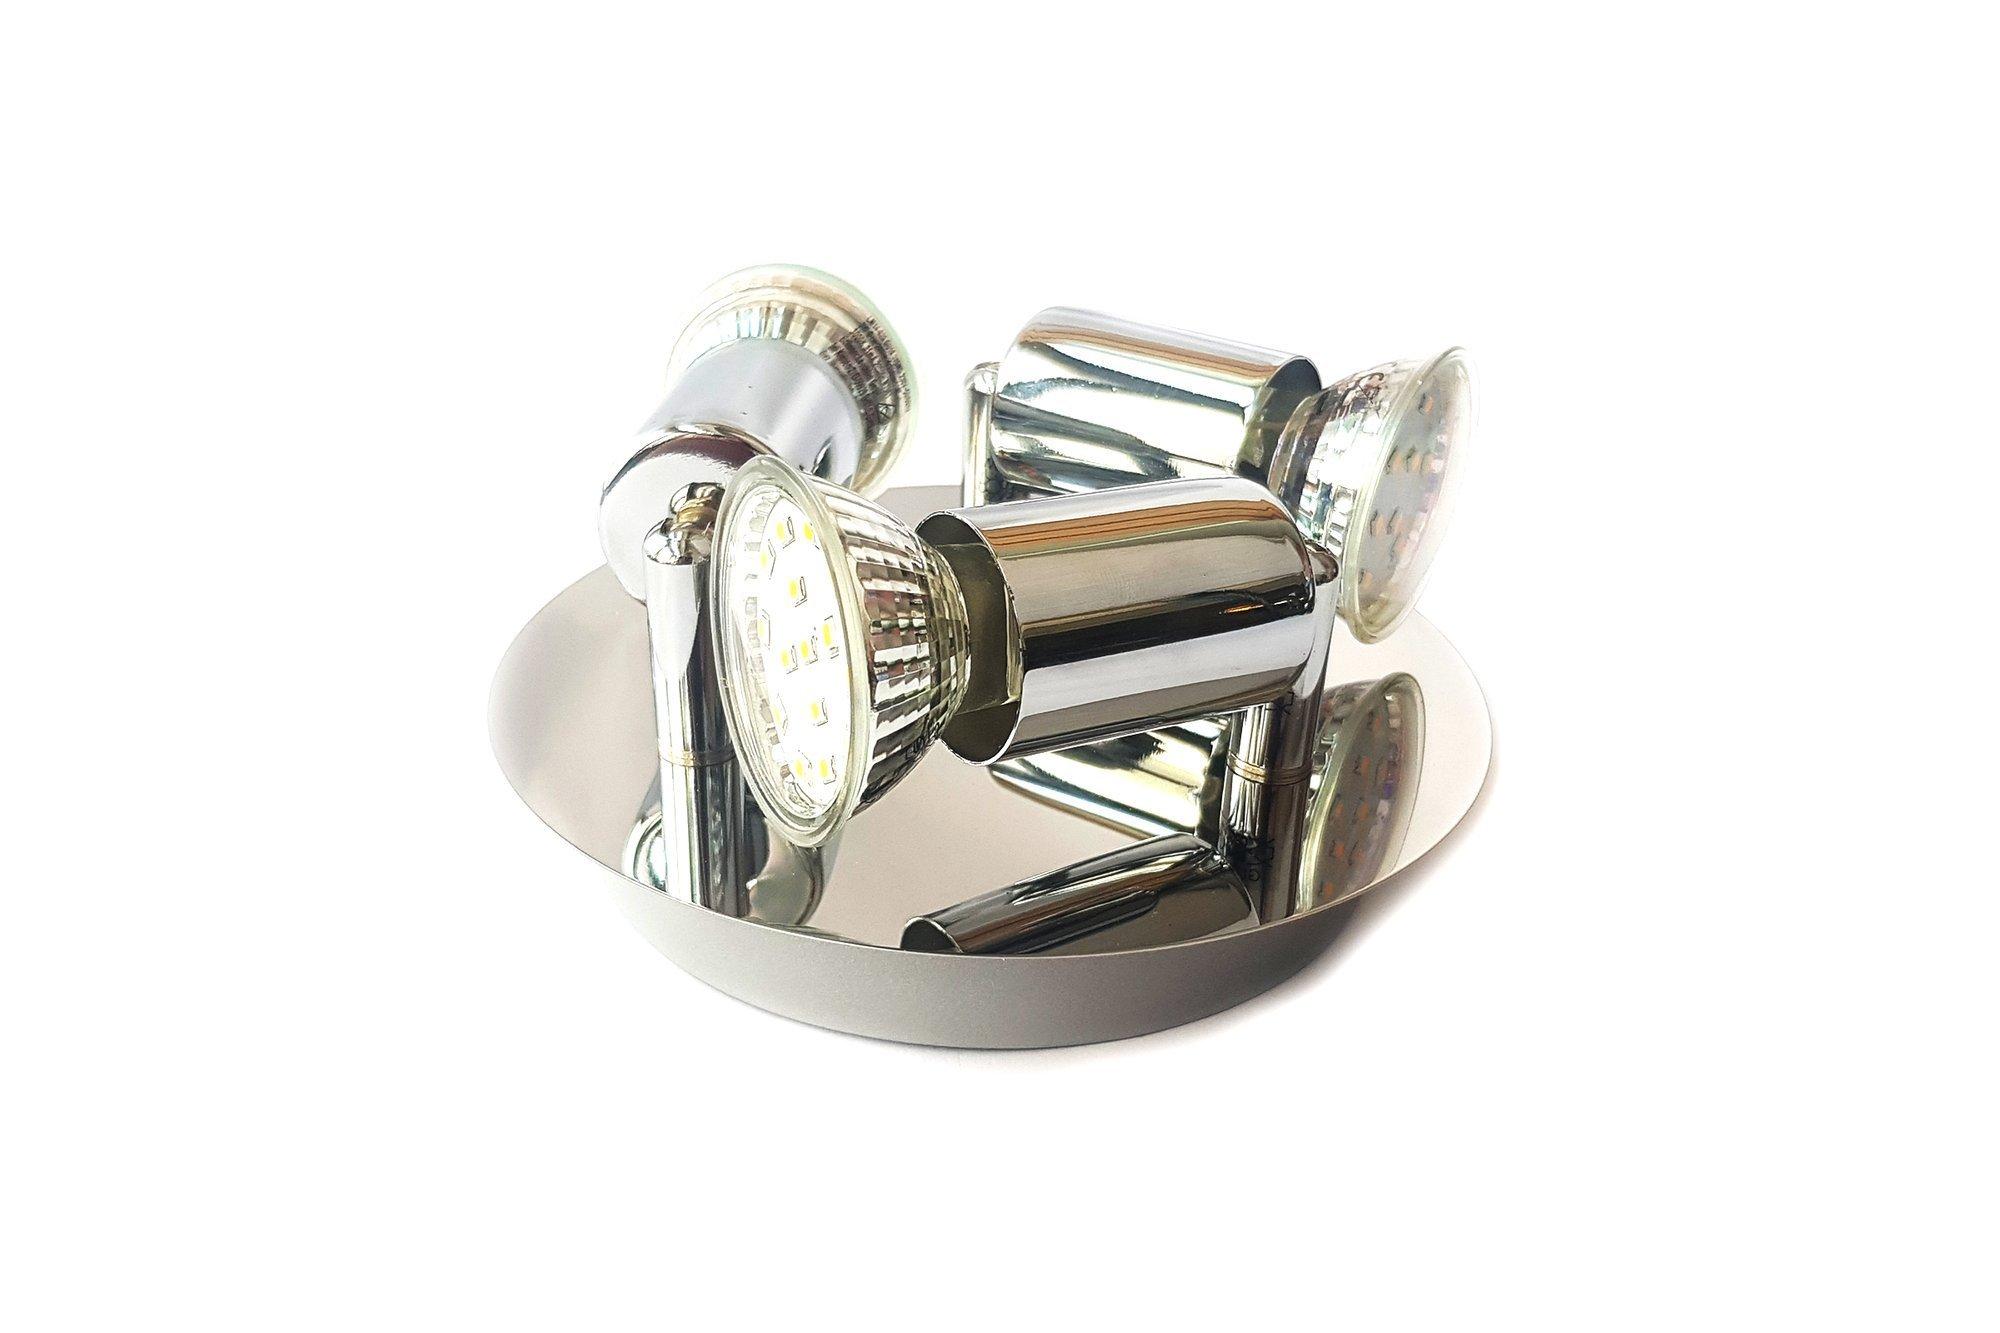 Ceiling lamp Briloner 2229-038